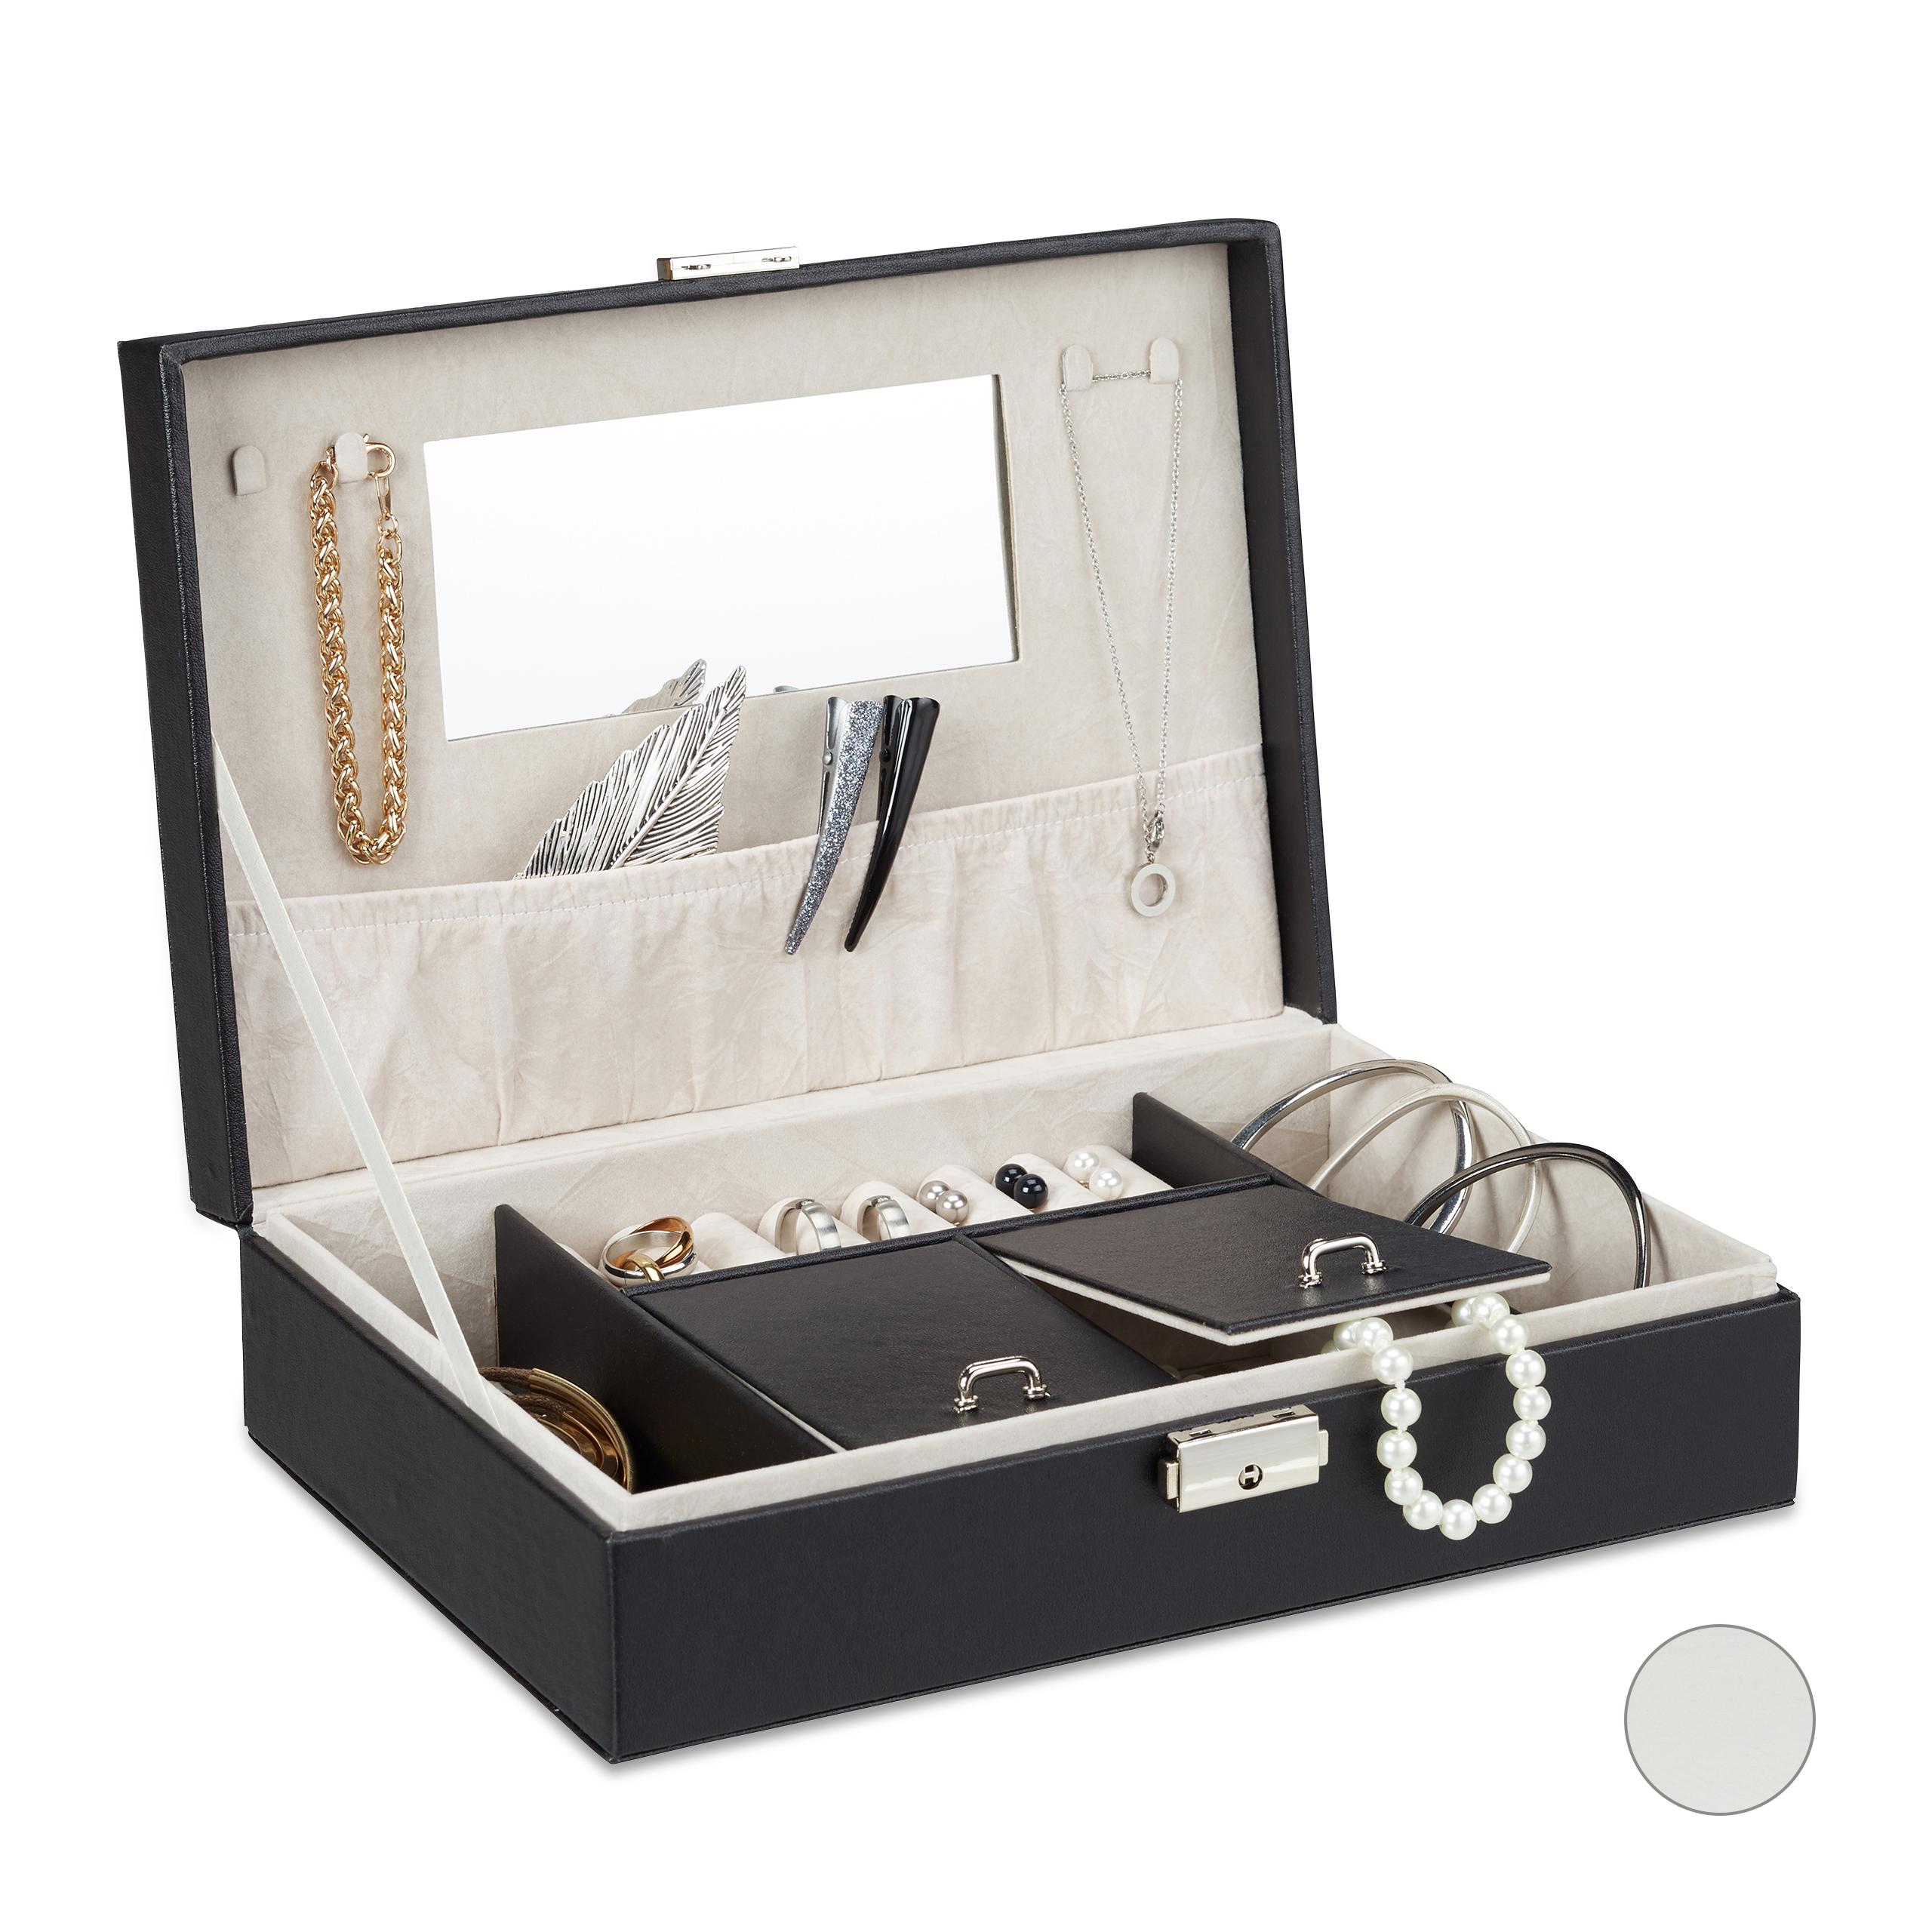 schmuckkasten kunstleder schmuckkiste schmuckaufbewahrung spiegel verschlie bar ebay. Black Bedroom Furniture Sets. Home Design Ideas